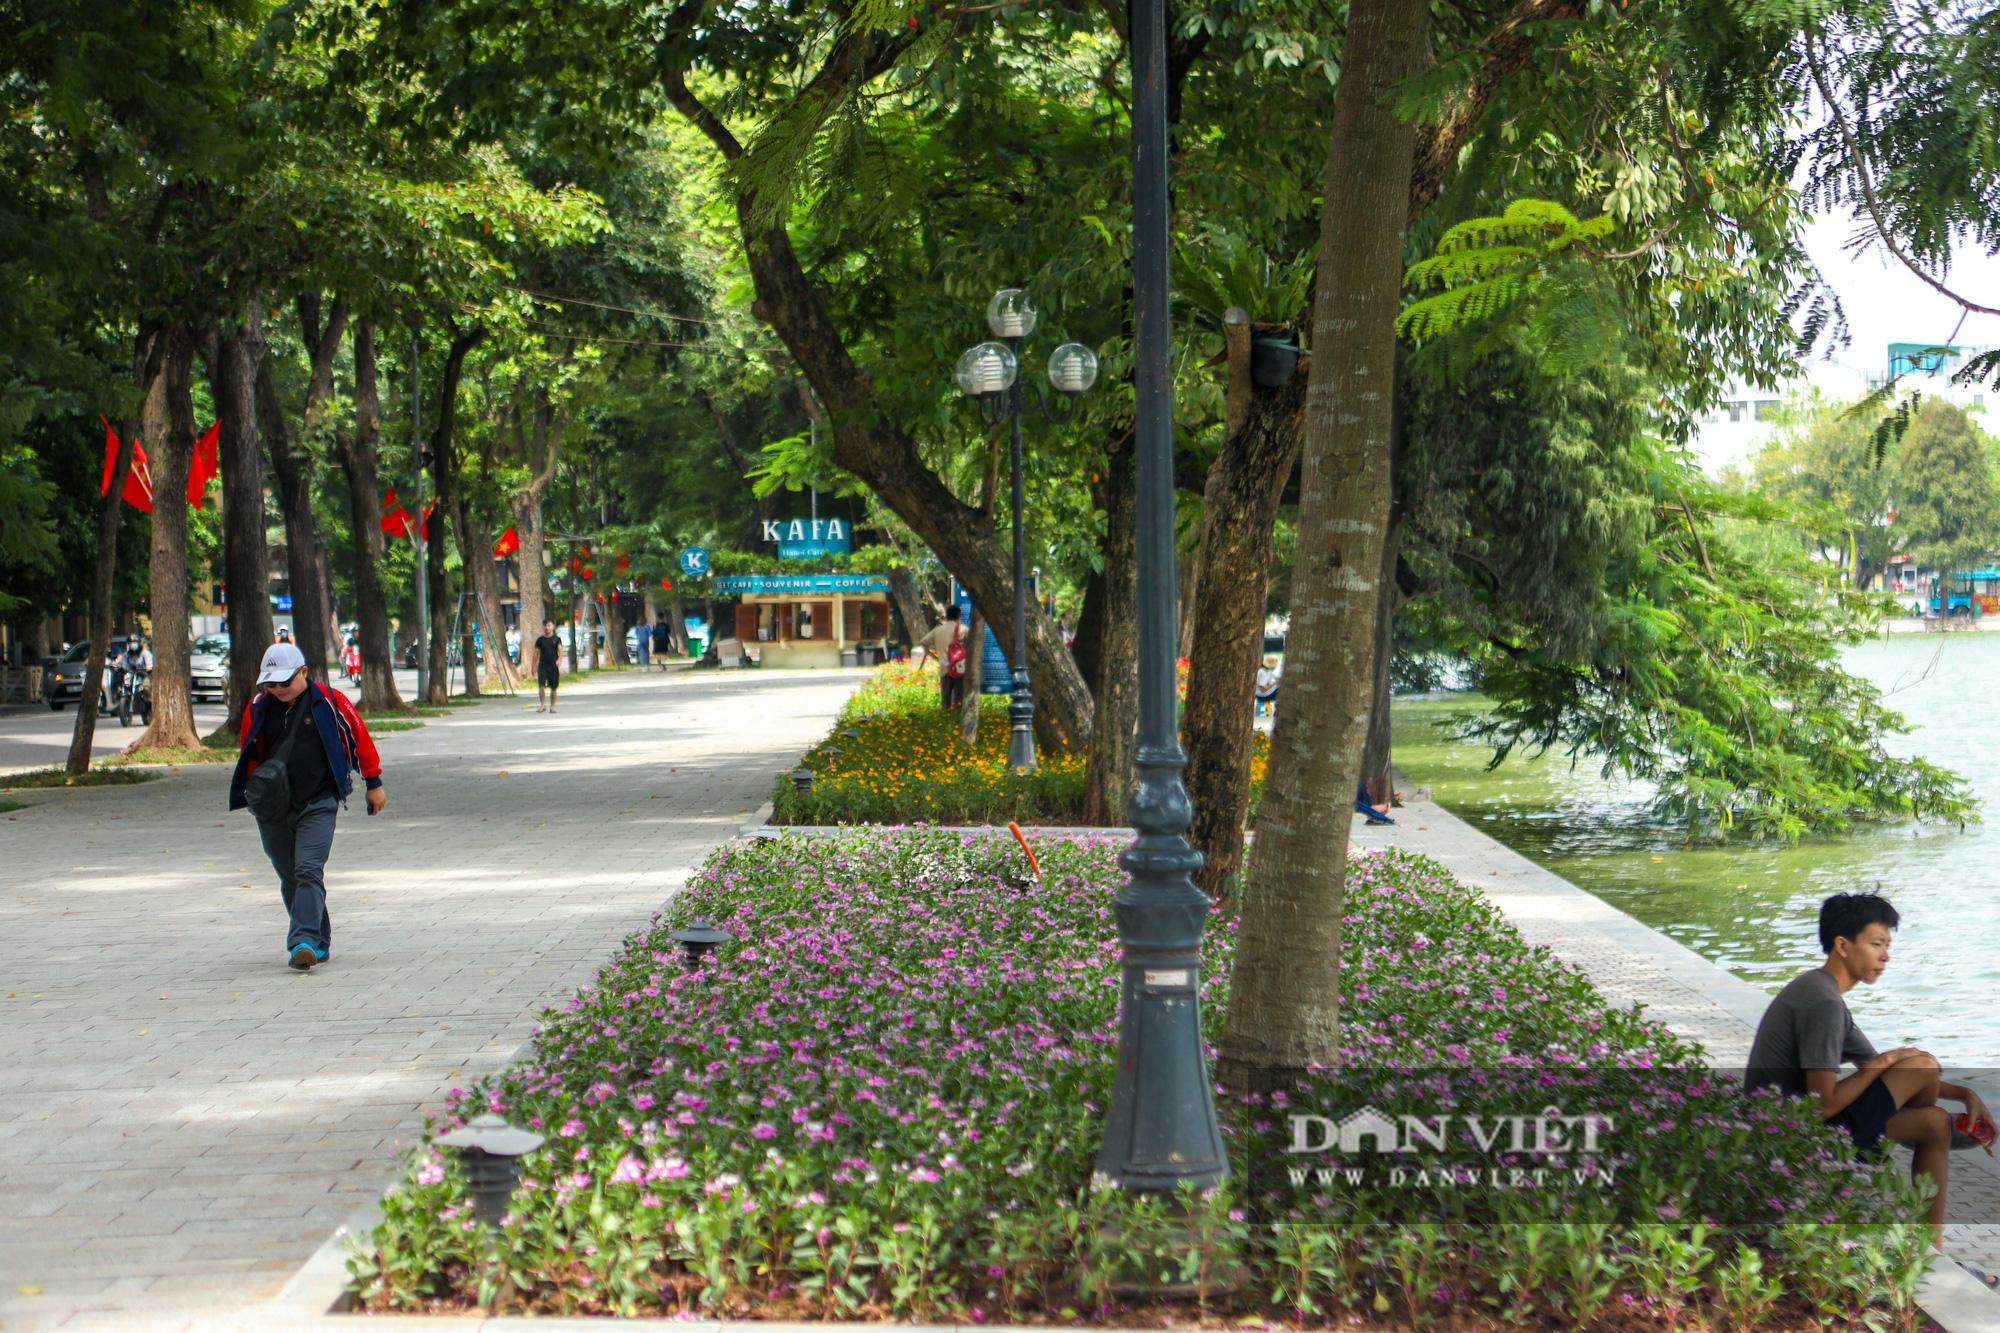 Chiêm ngưỡng vườn hoa mới đẹp ngỡ ngàng bên bờ hồ Hoàn Kiếm  - Ảnh 1.